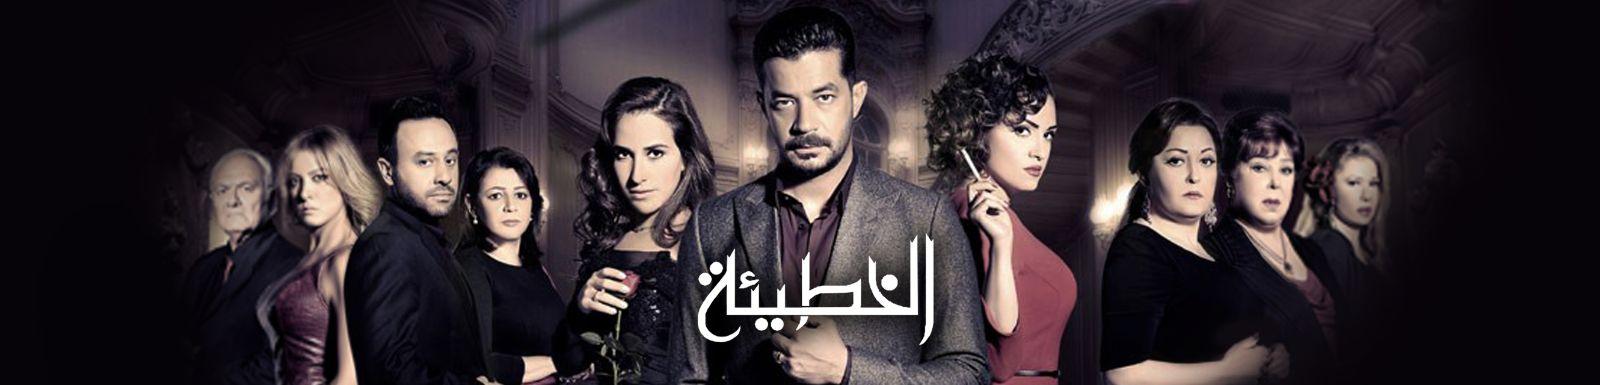 مشاهدة مسلسل الخطيئة الحلقة 18 الثامنة عشر 2014 كاملة mbc